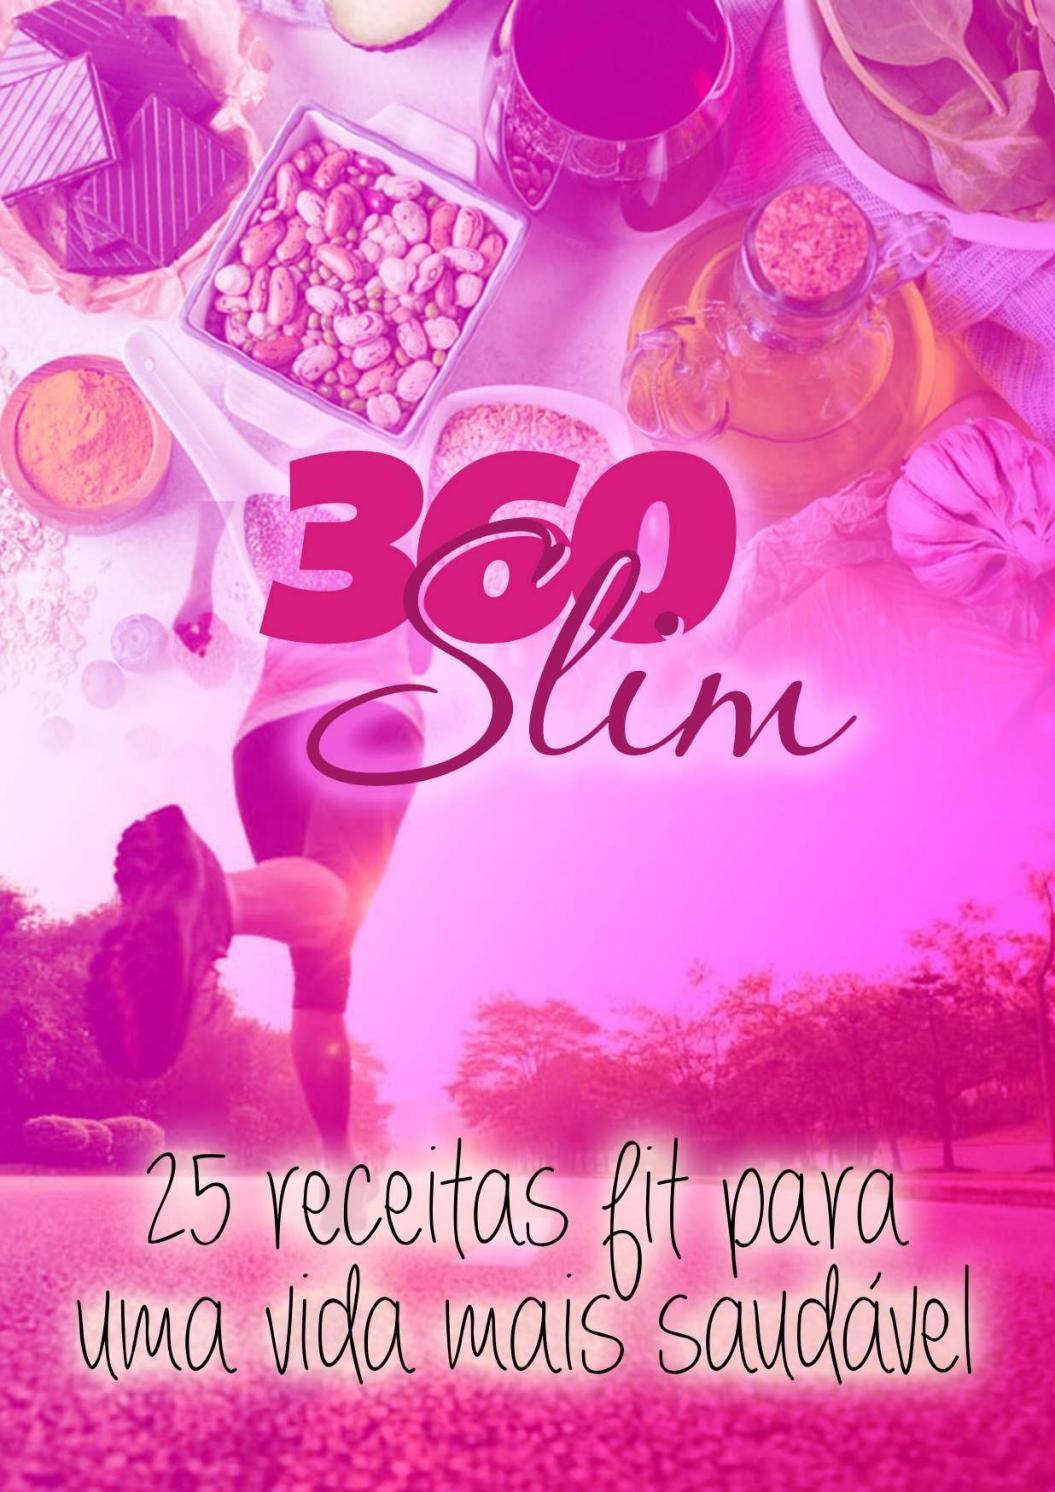 360 slim png